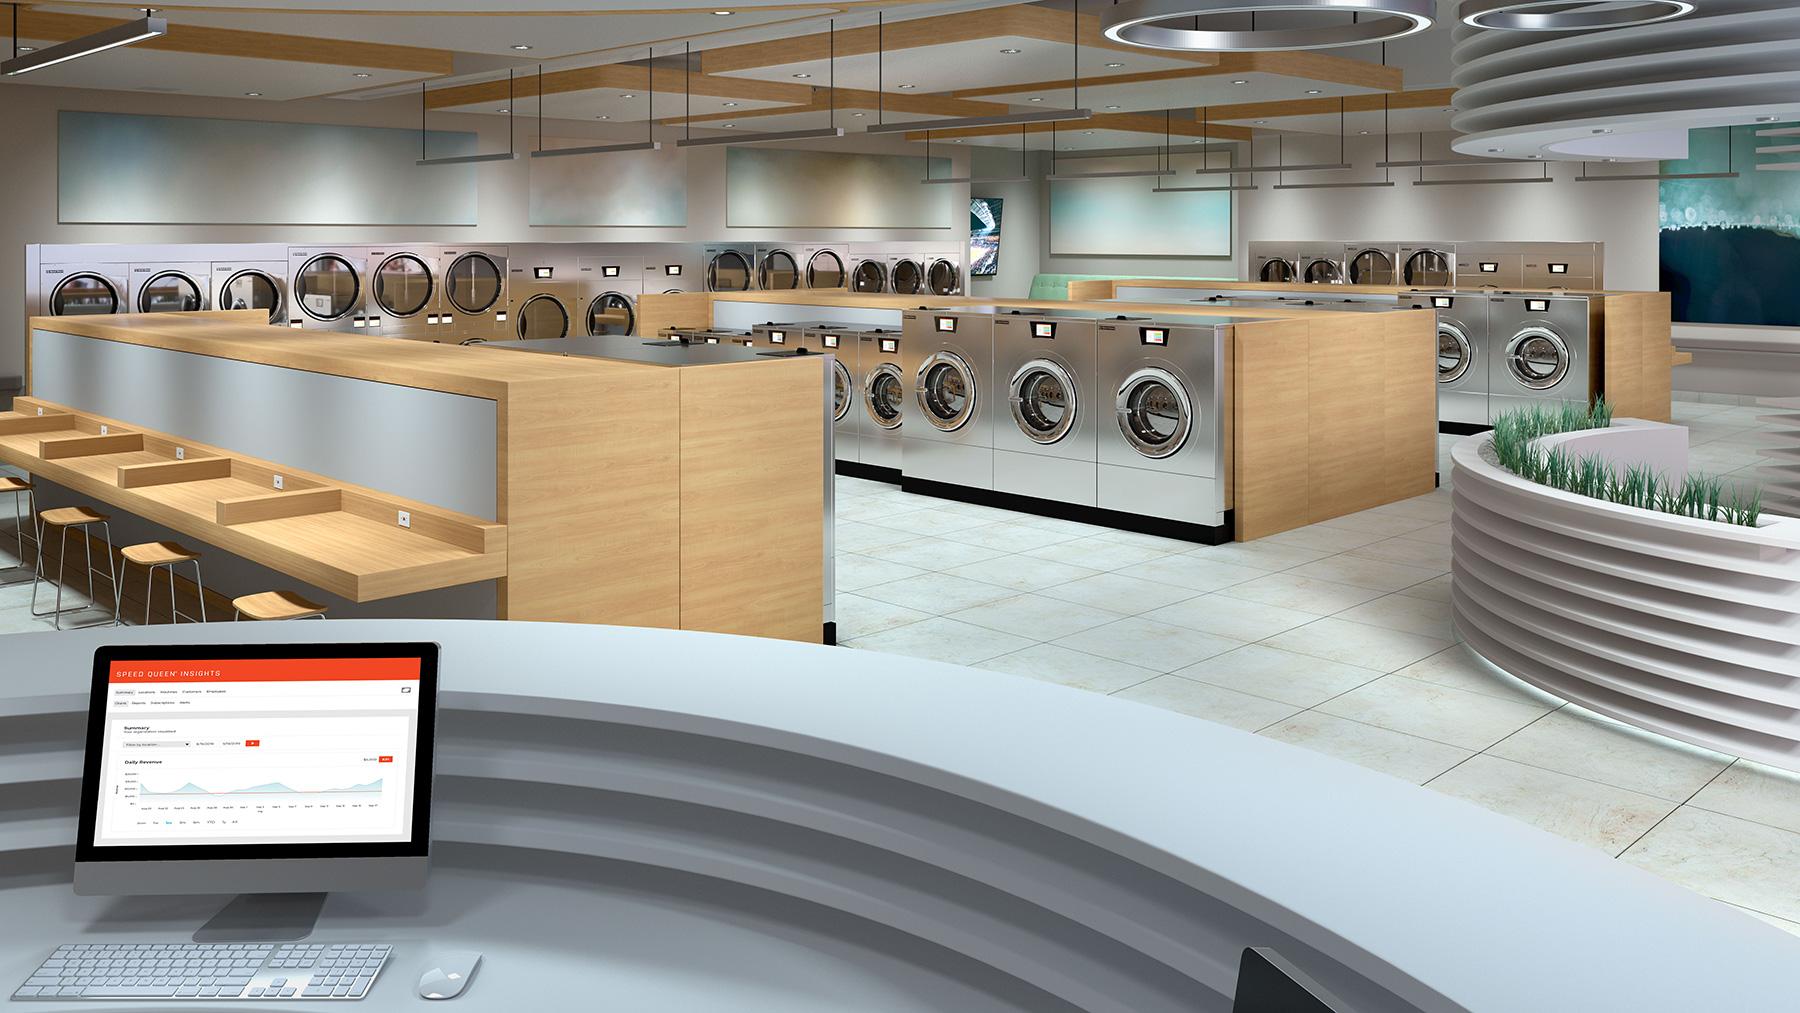 Laundromat front desk